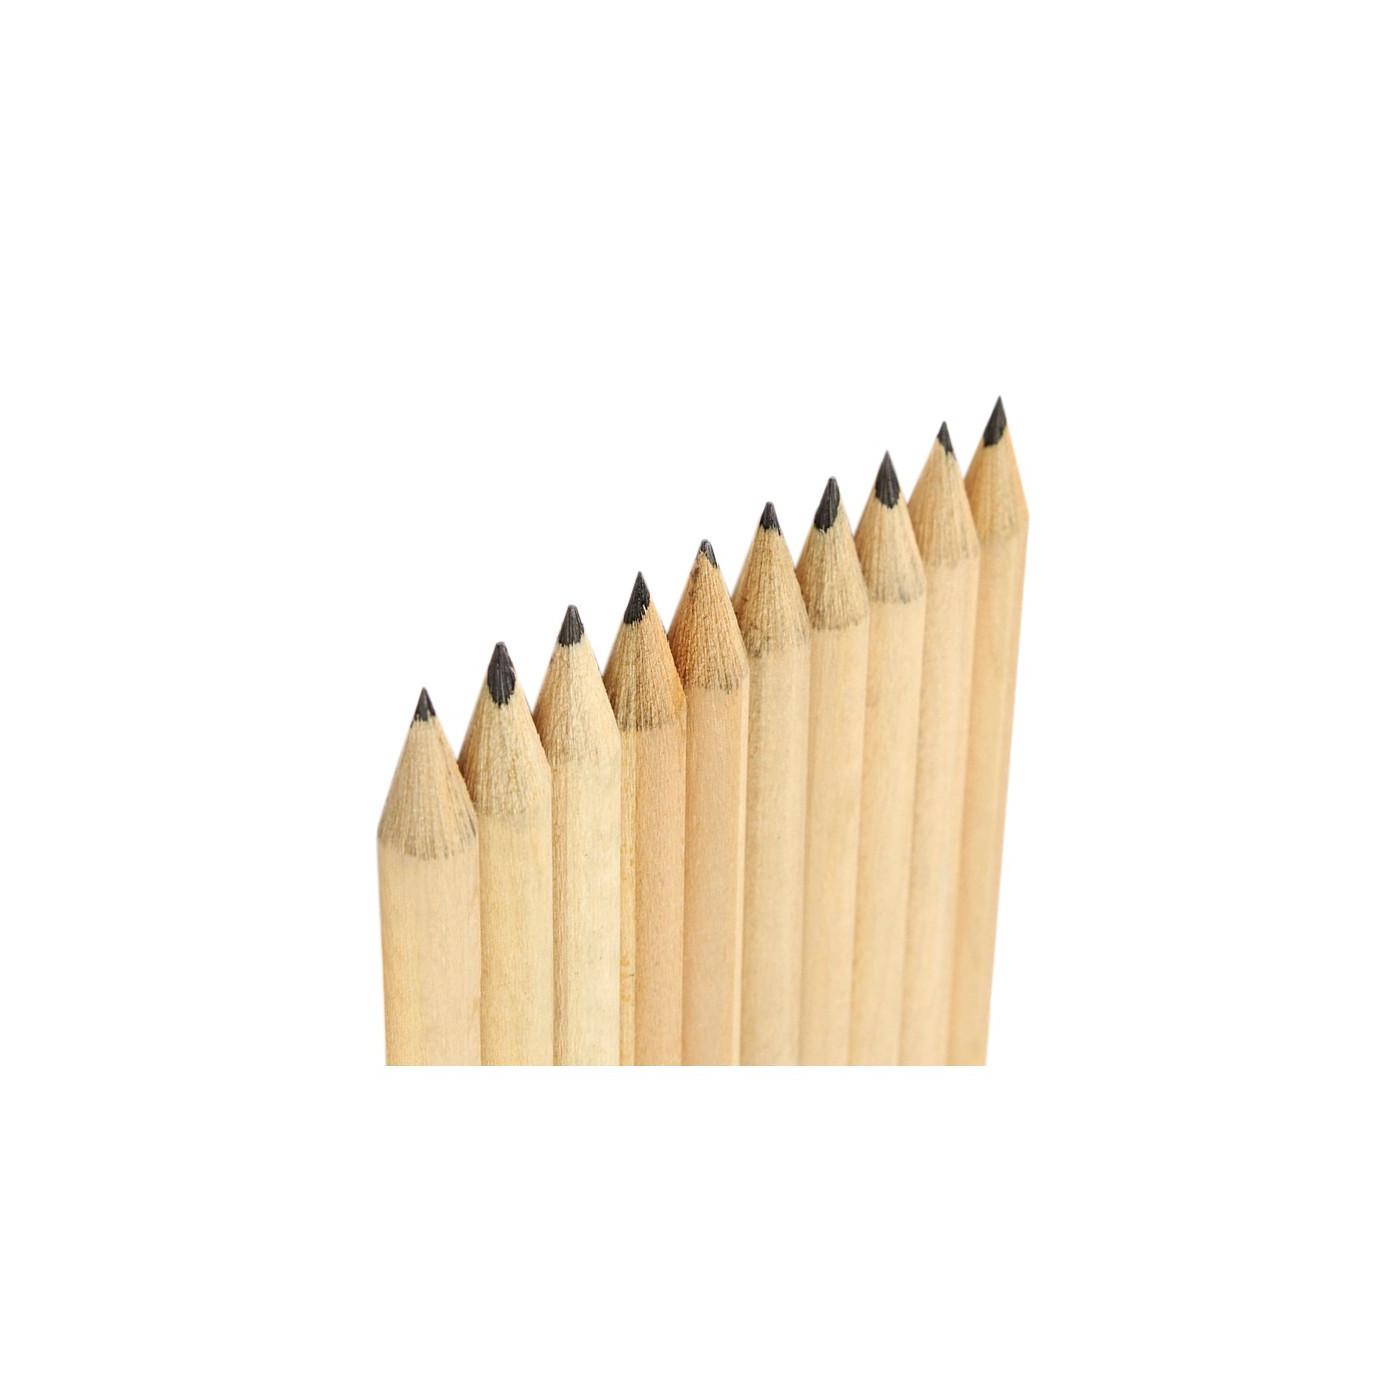 Set van 50 potloden (19 cm lengte, type 4, met gum)  - 1